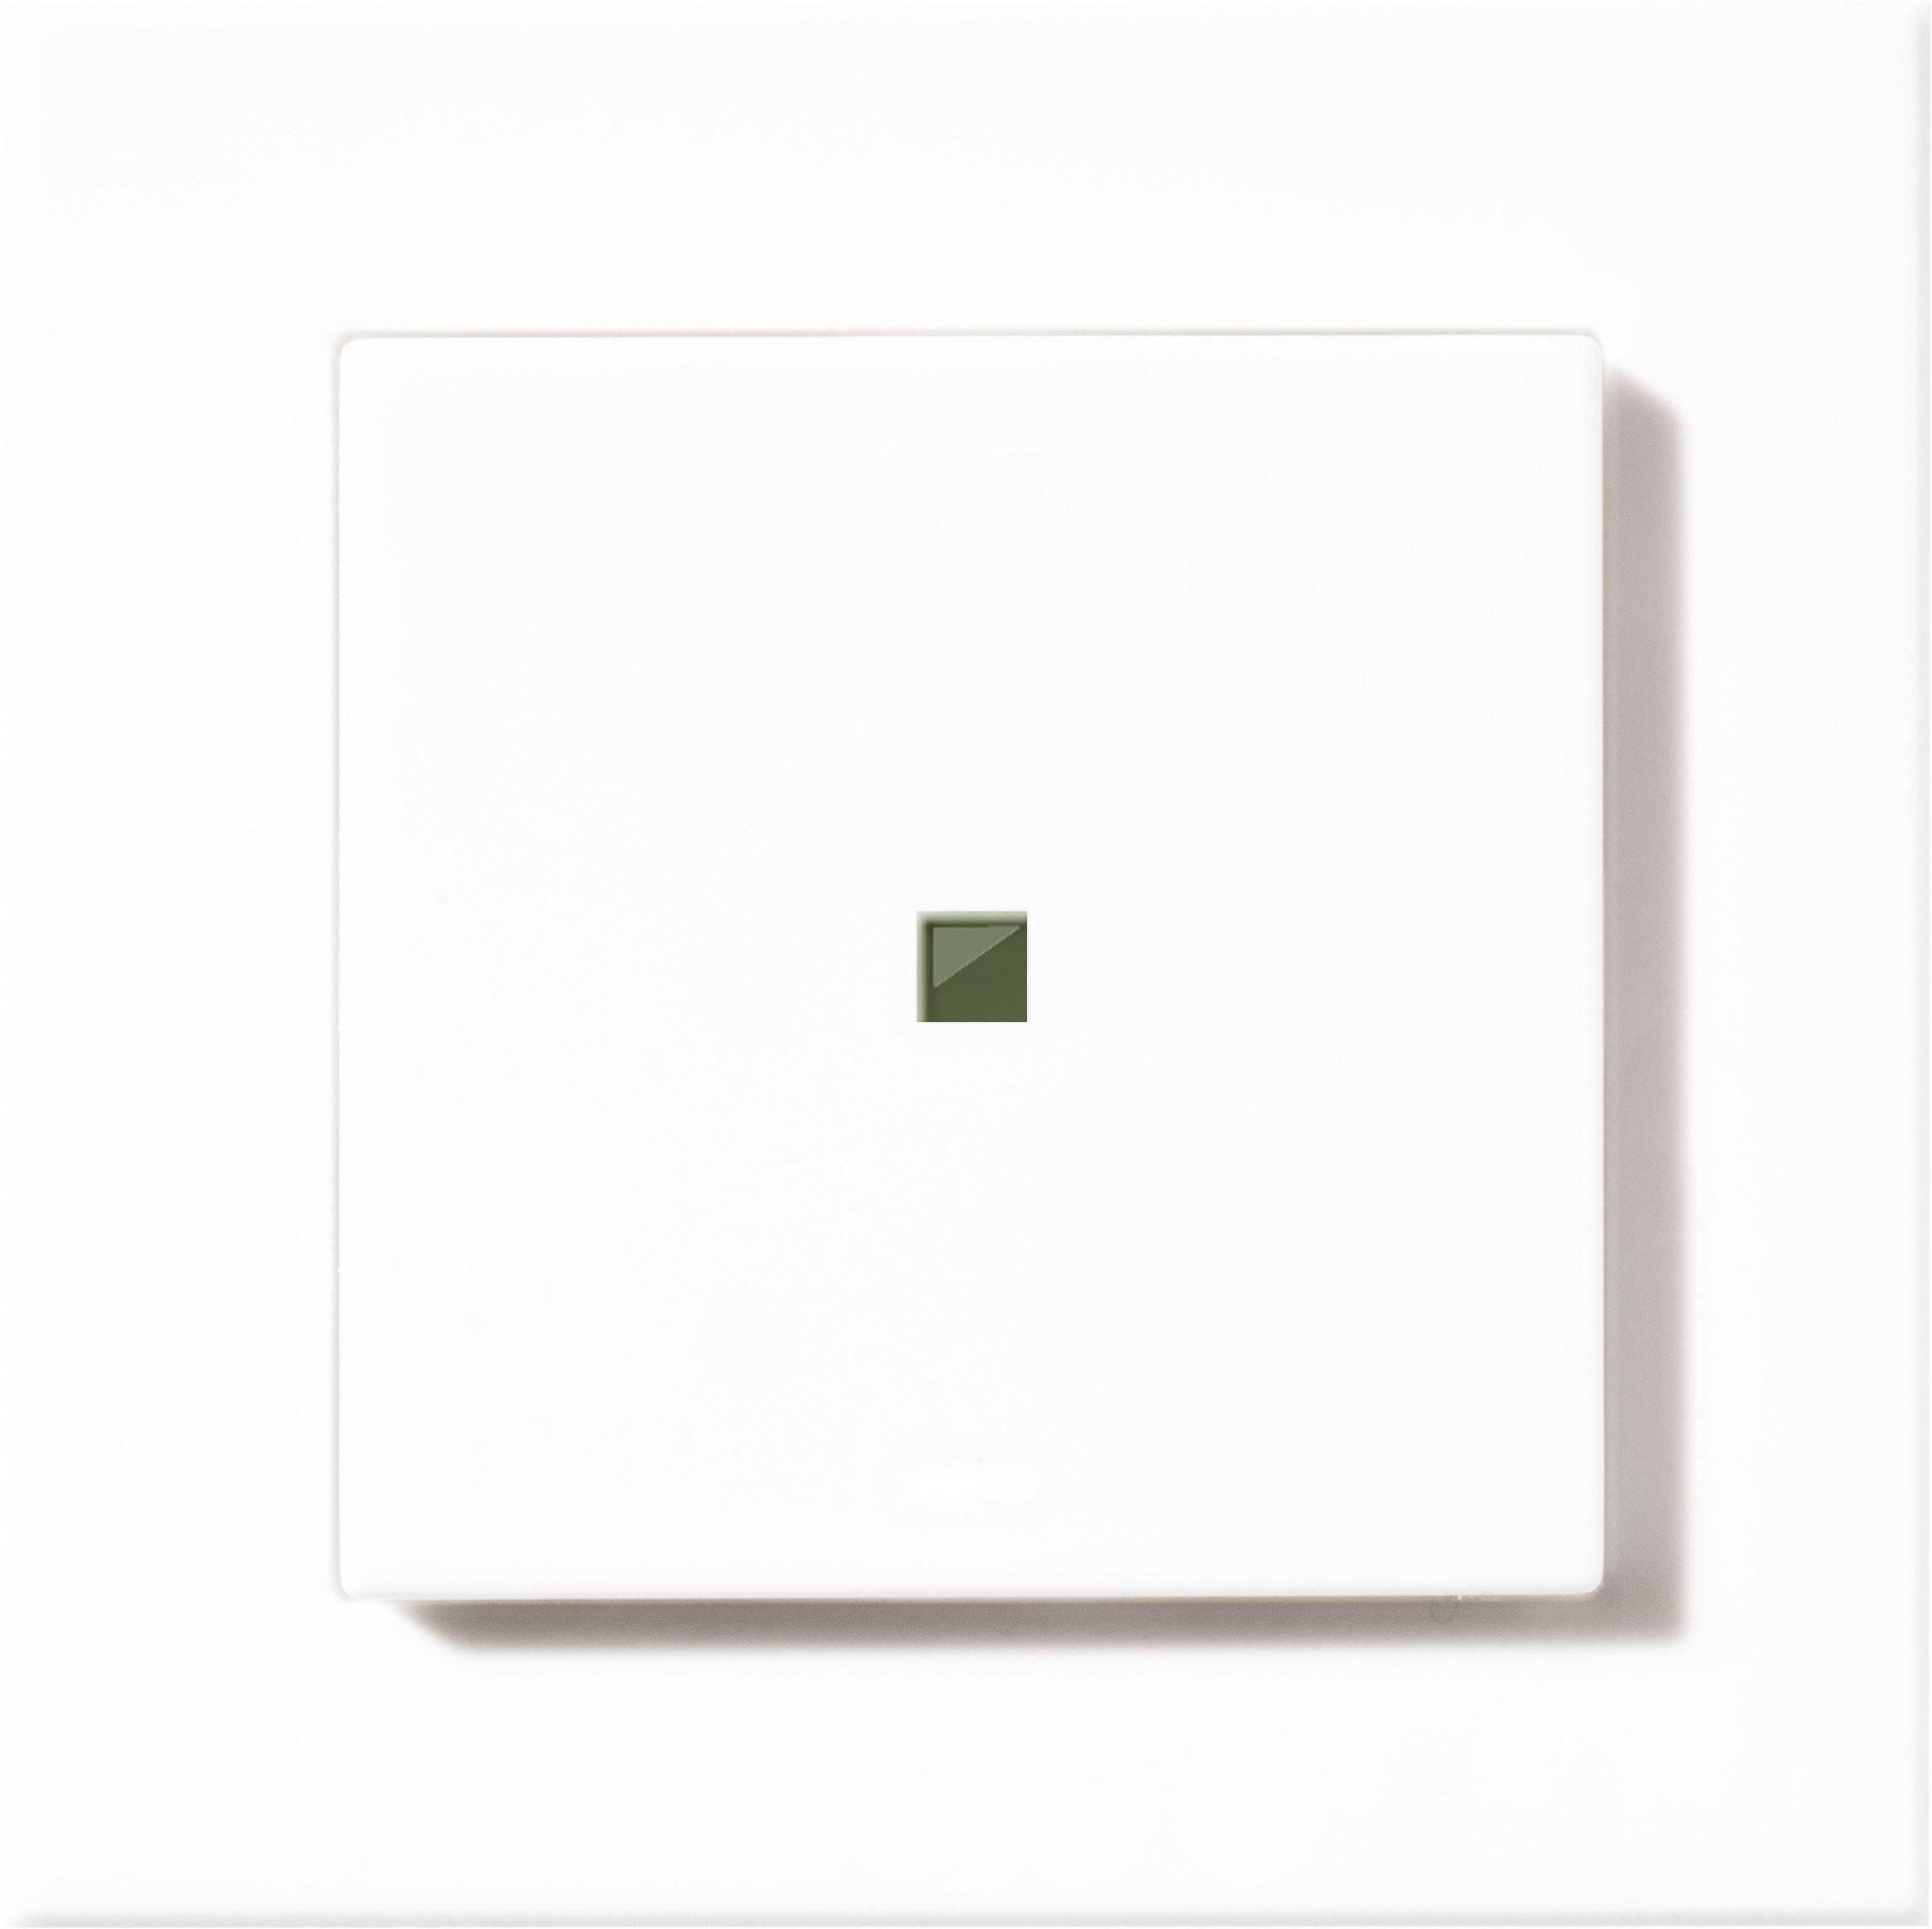 Bezdrôtový vypínač na omietku HomeMatic HM-PB-2-WM55-2 131774 2-kanálová, Max. dosah 100 m